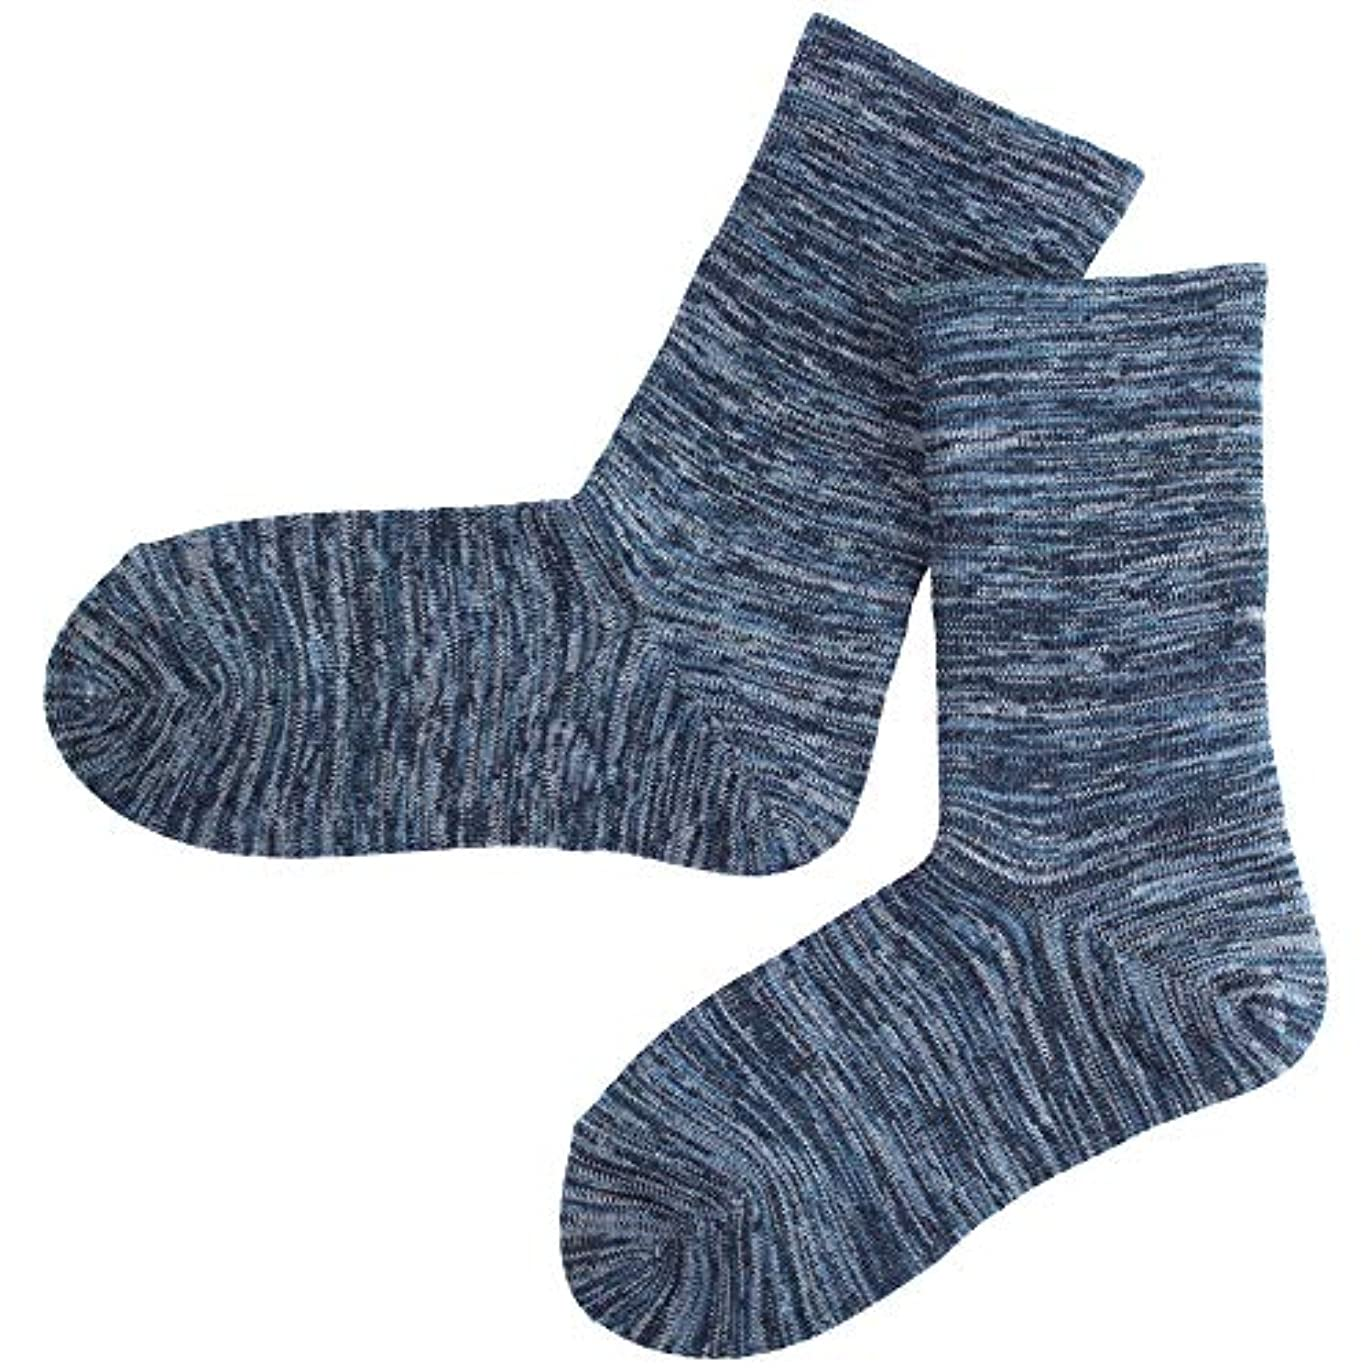 さらにアセ祝う温むすび かかとケア靴下 【足うら美人ゆったり楽々タイプ 女性用 22~24cm ネイビーブルー】 ひび割れ ケア